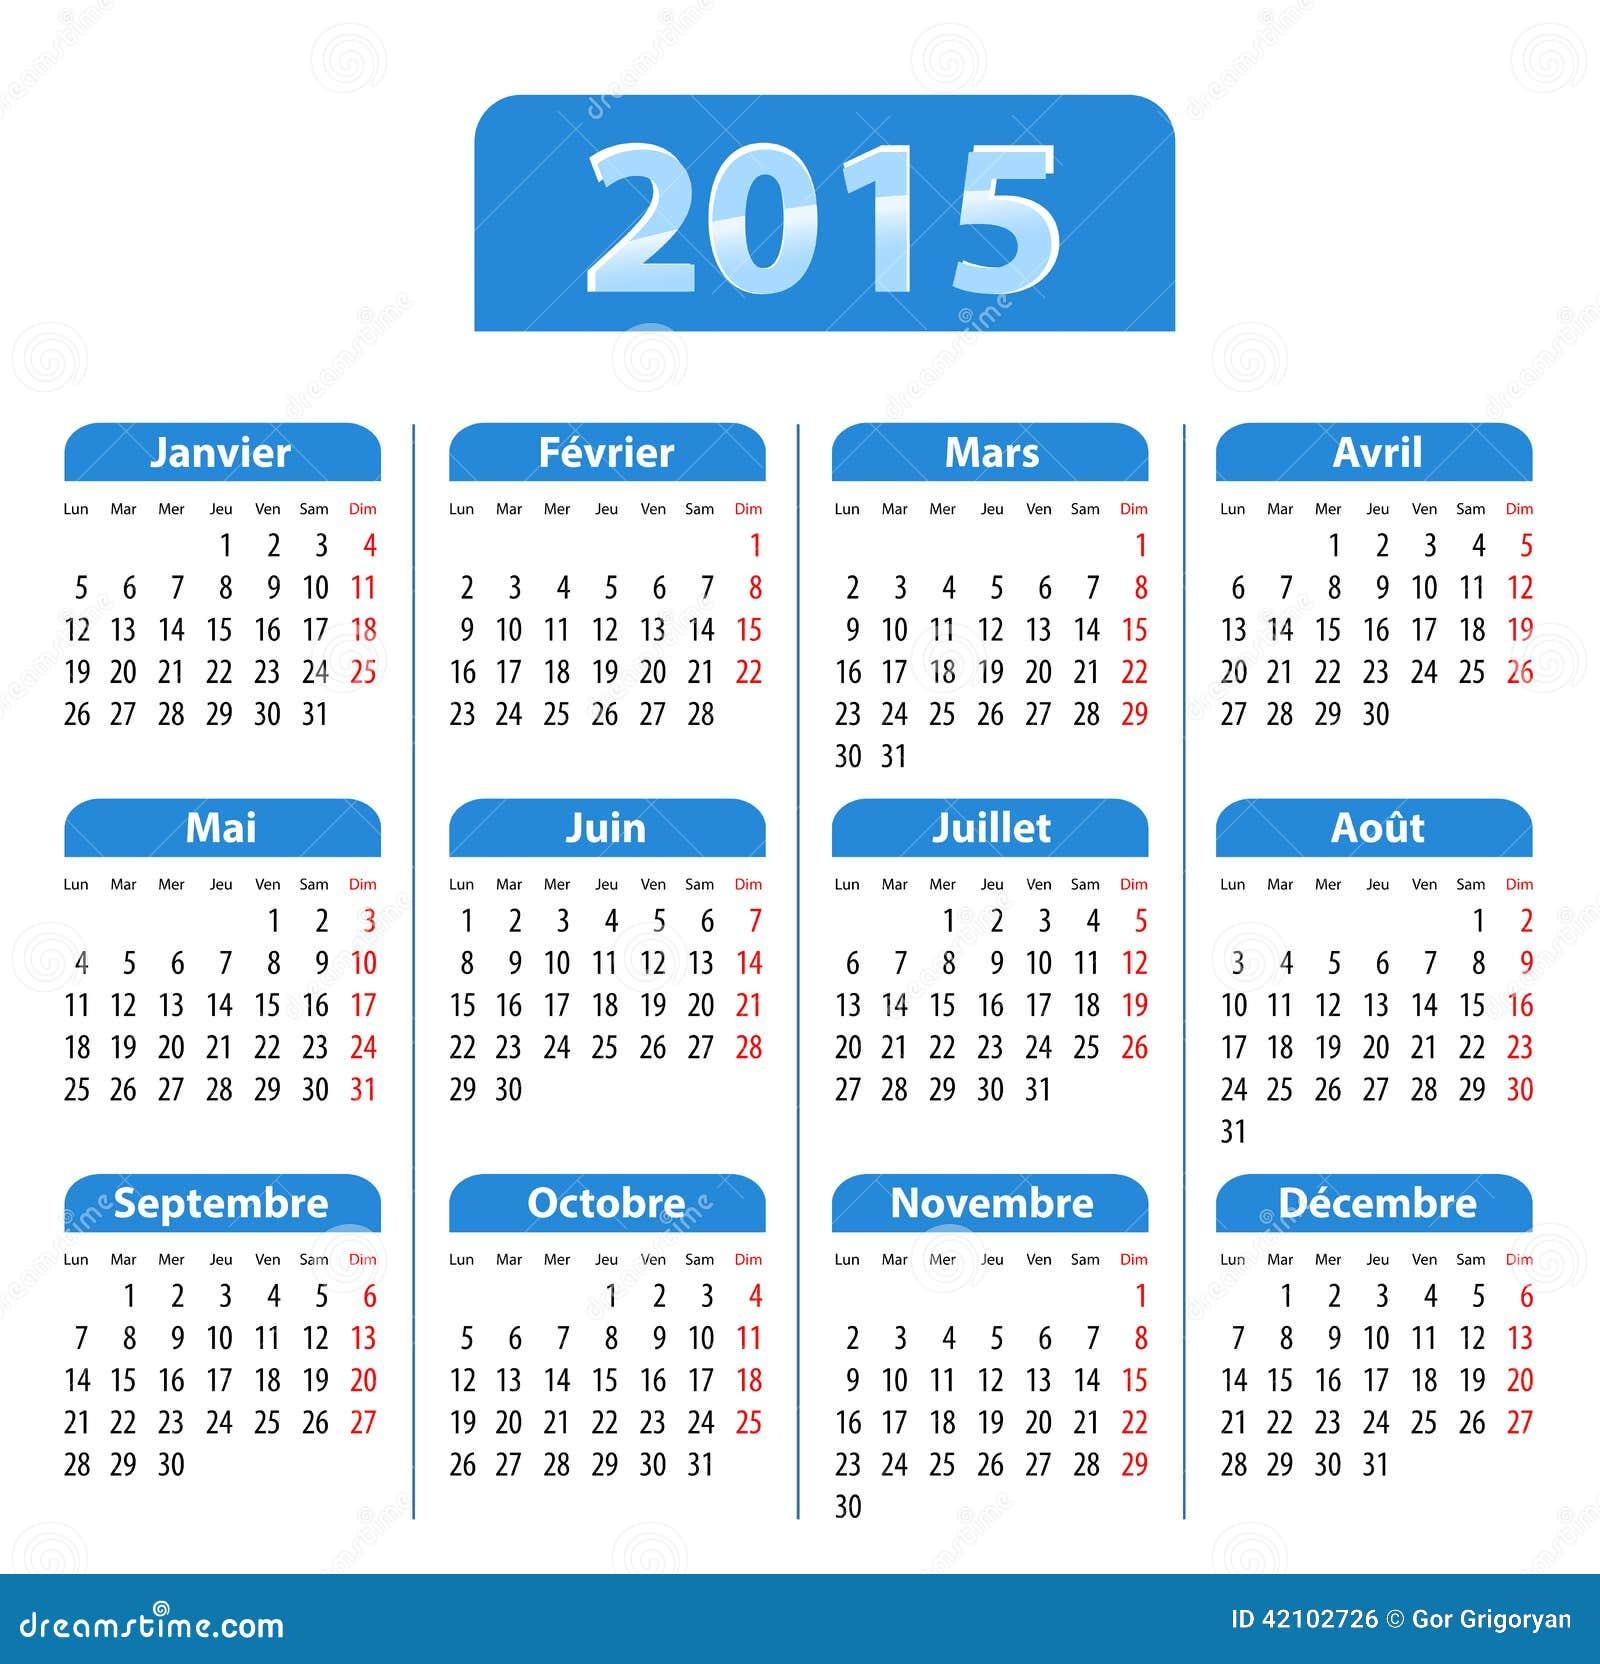 蓝色光滑的日历在2015年用法语